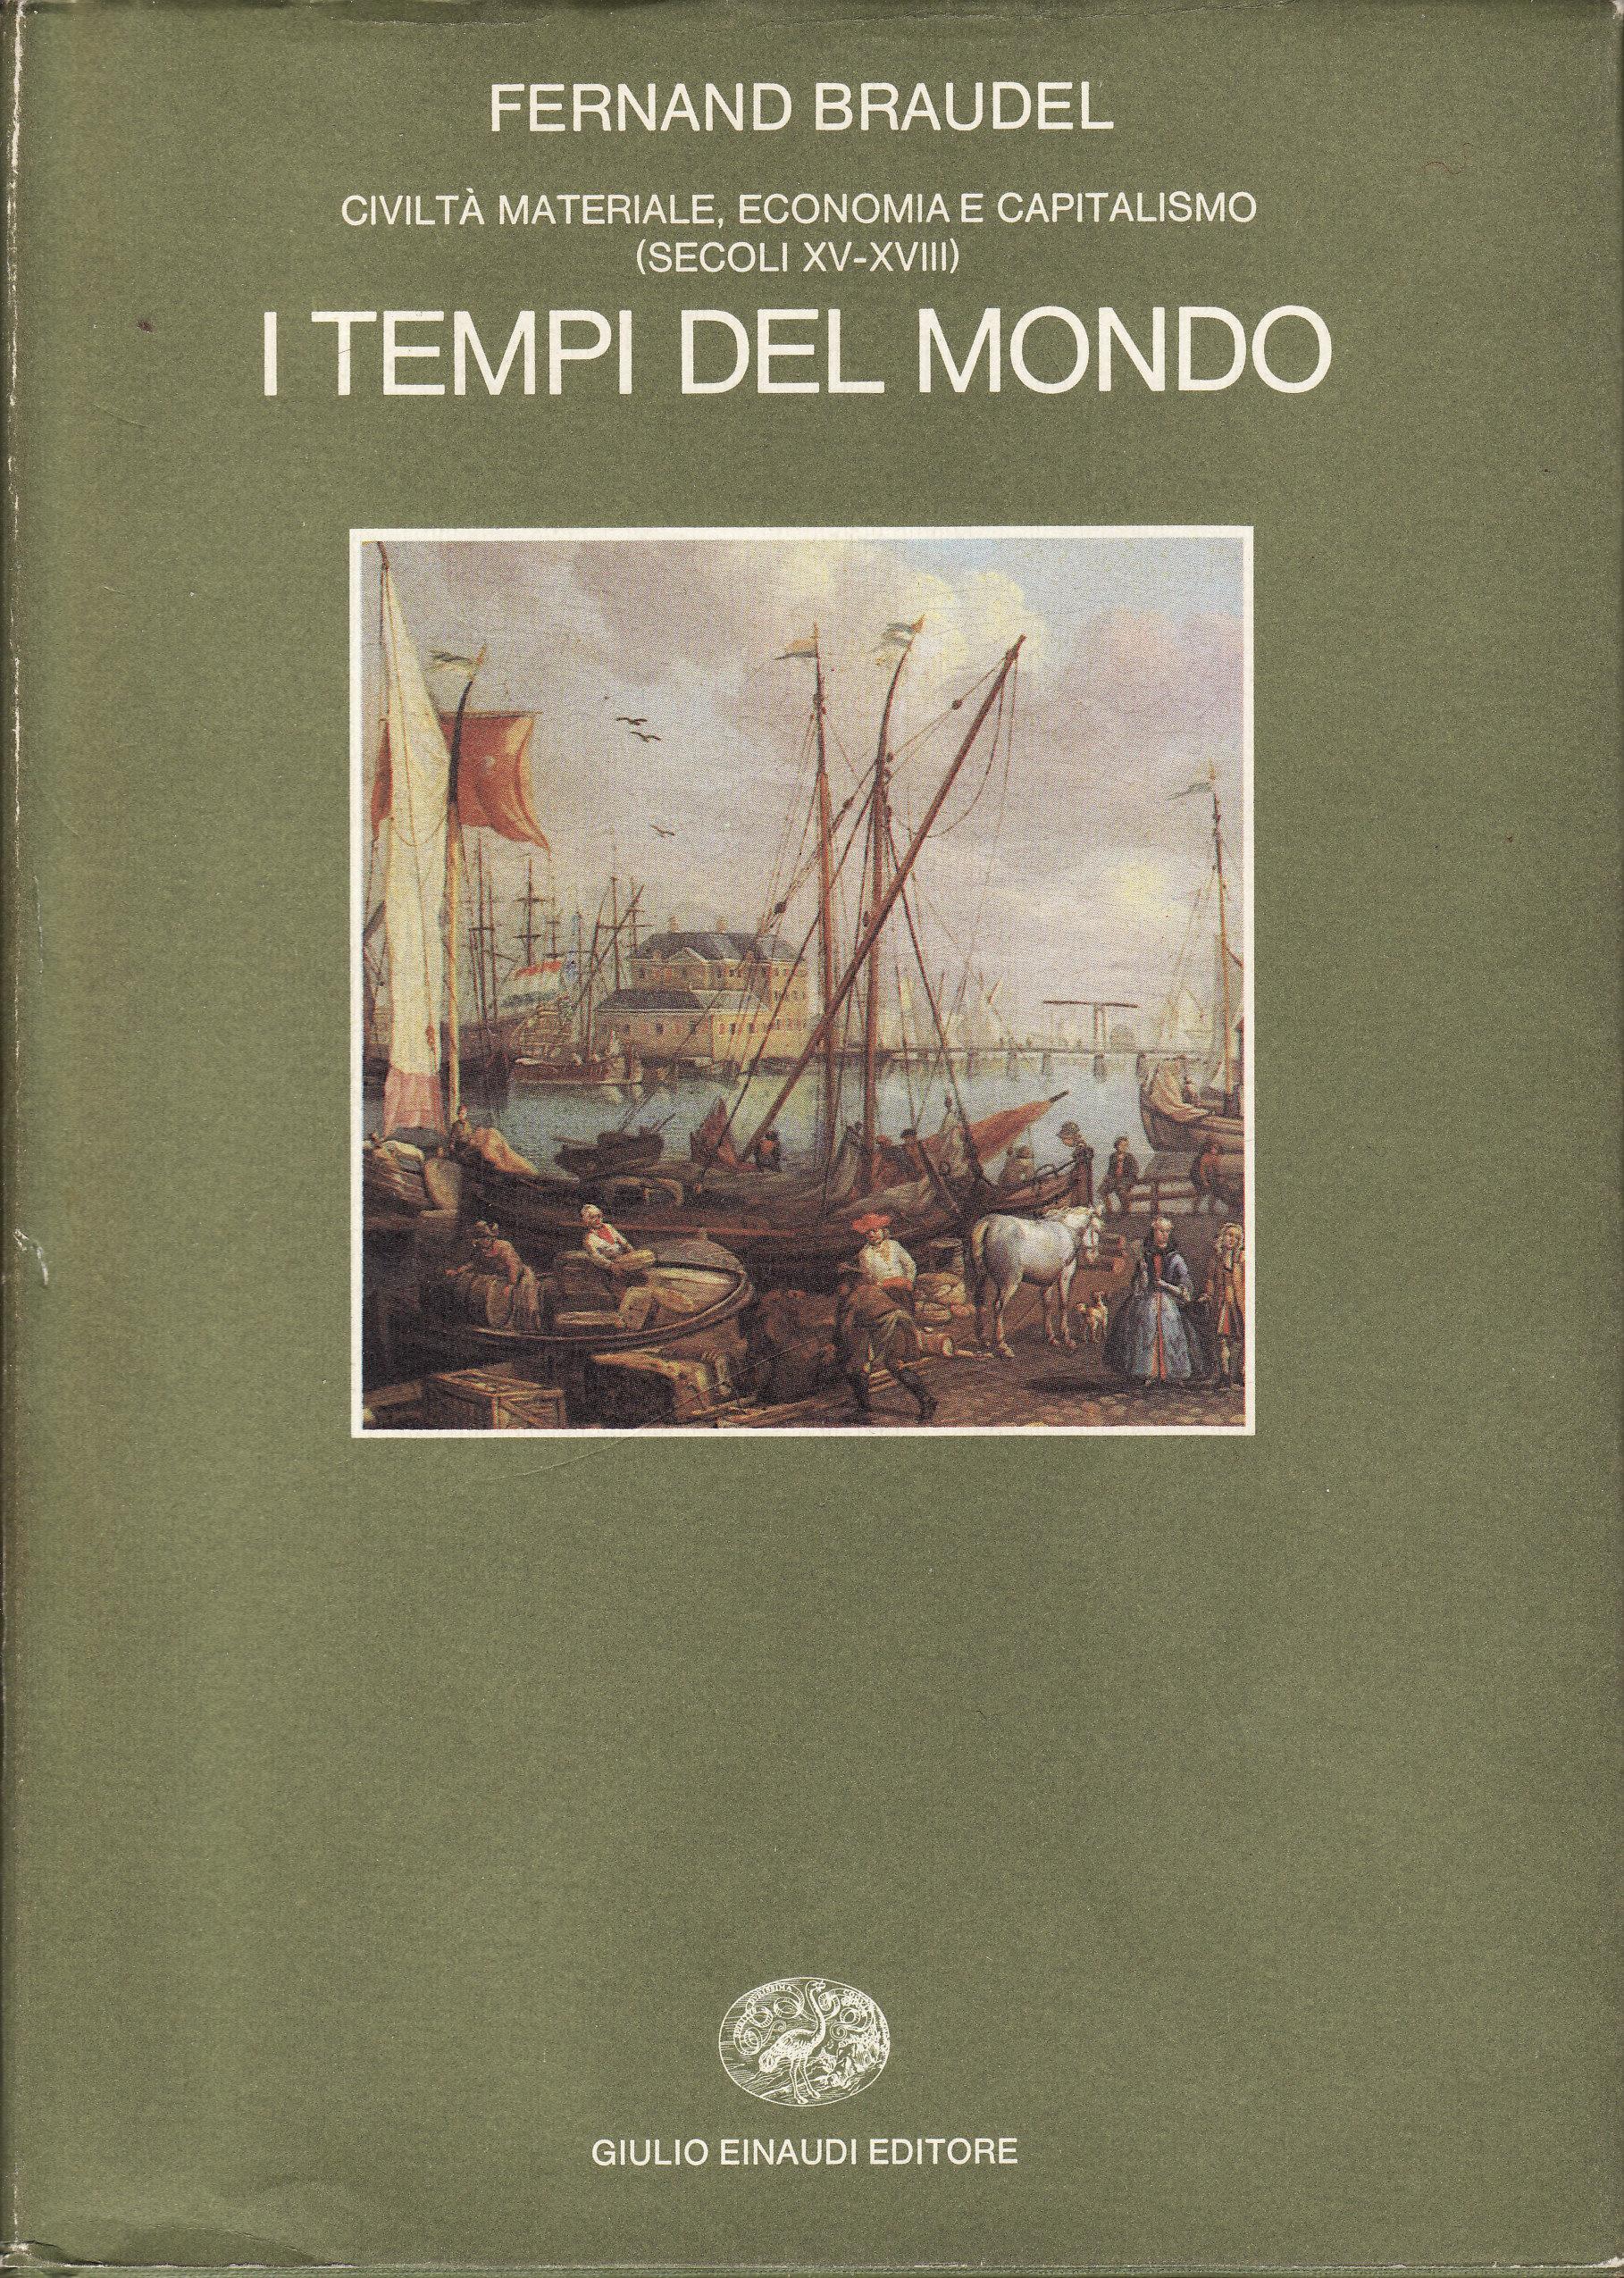 Civiltà materiale, economia e capitalismo (secoli XV-XVIII)